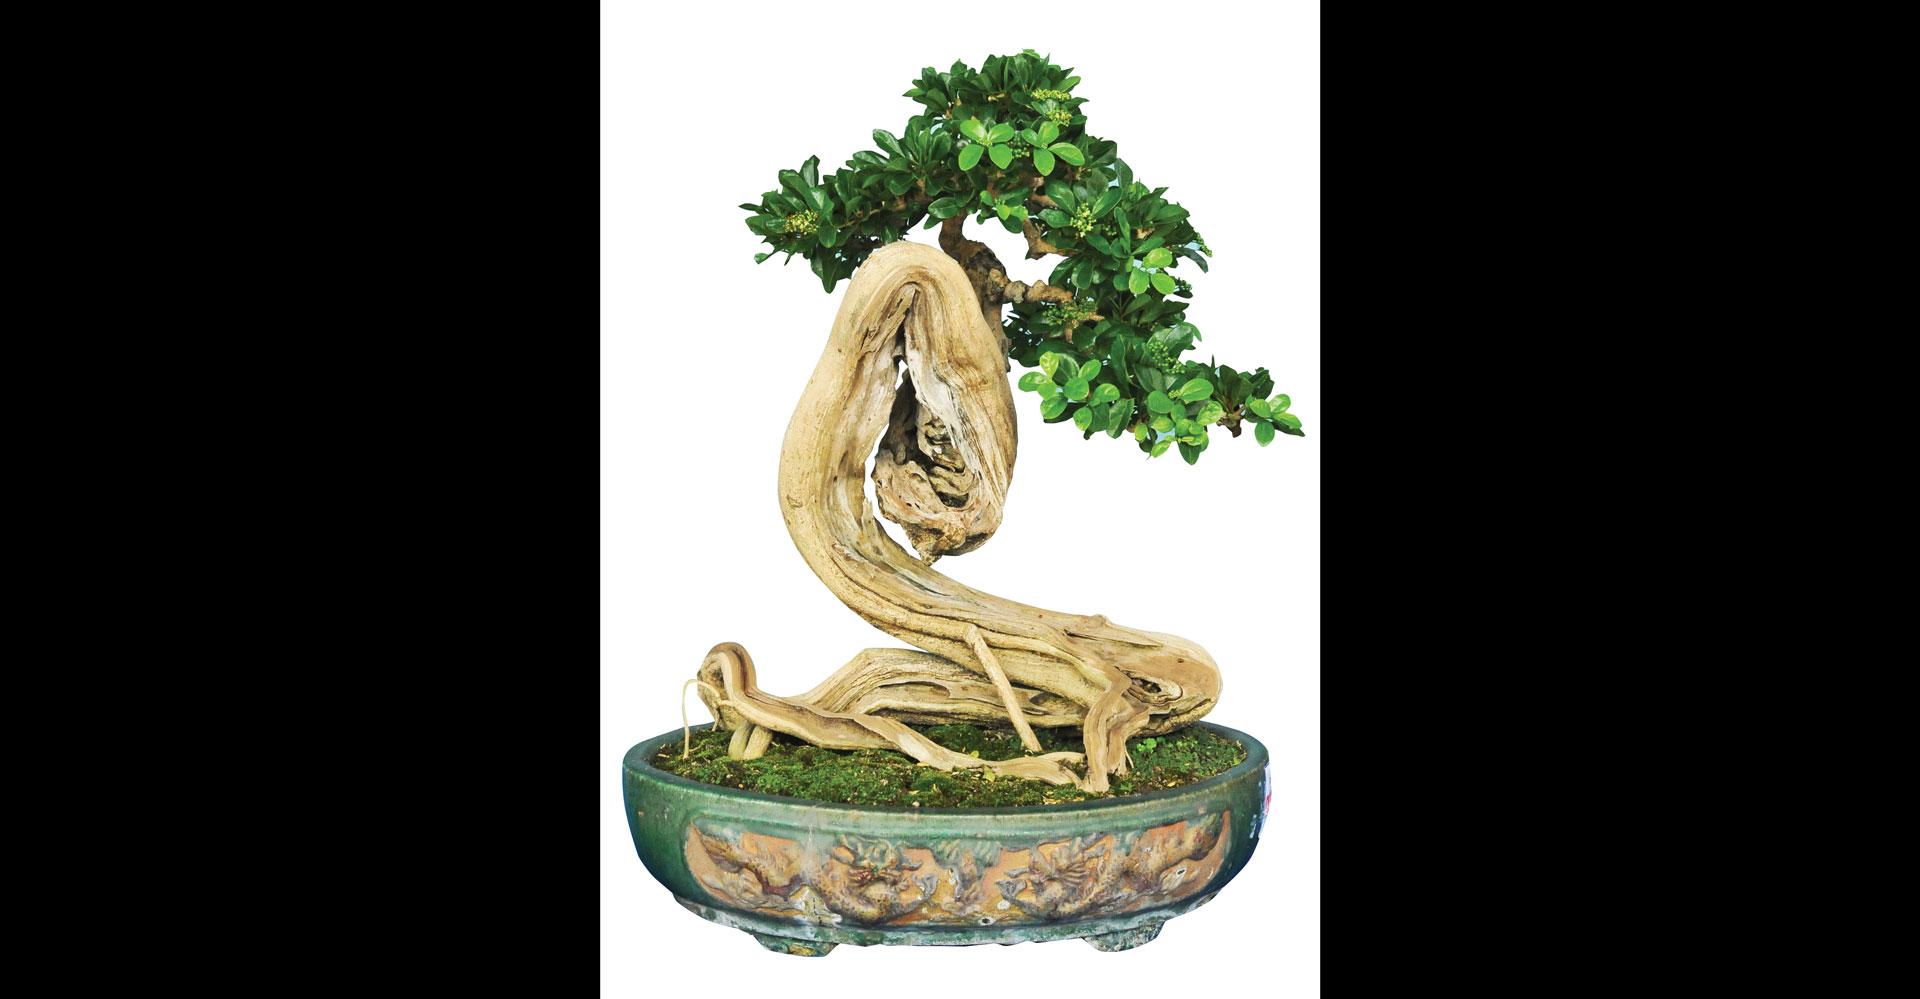 Nghệ thuật bonsai thú chơi tao nhã ảnh 1